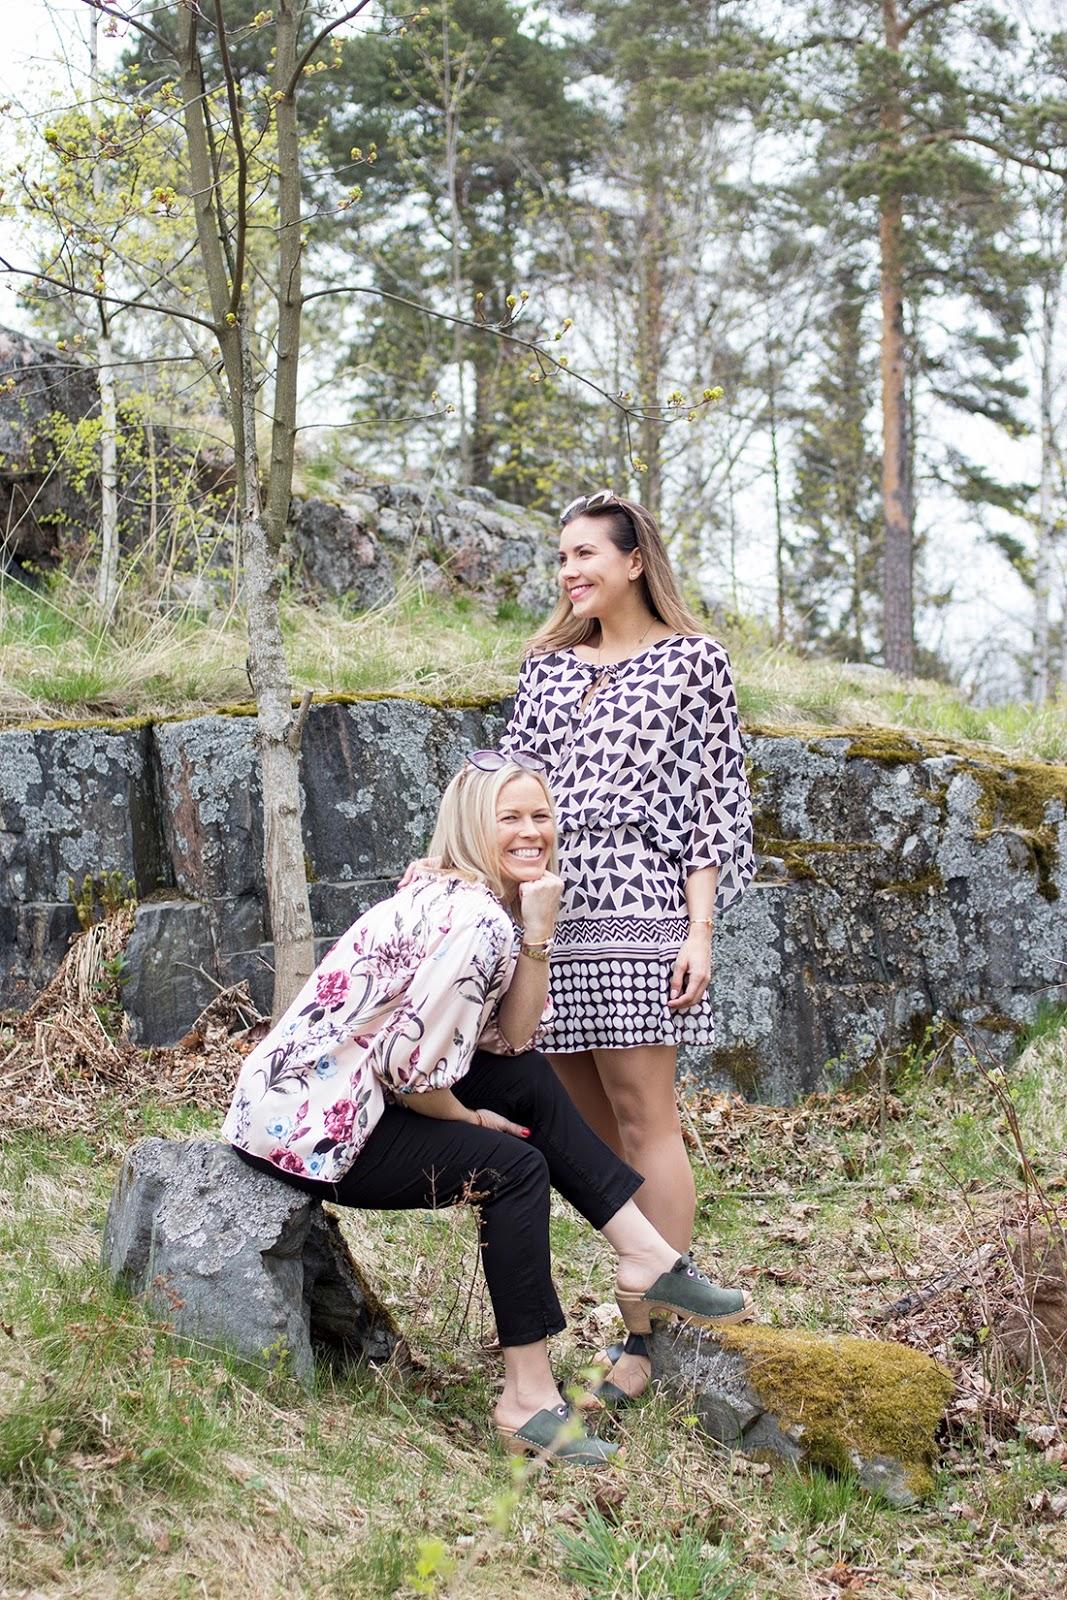 Äidin ja tyttären ikä ja elämä